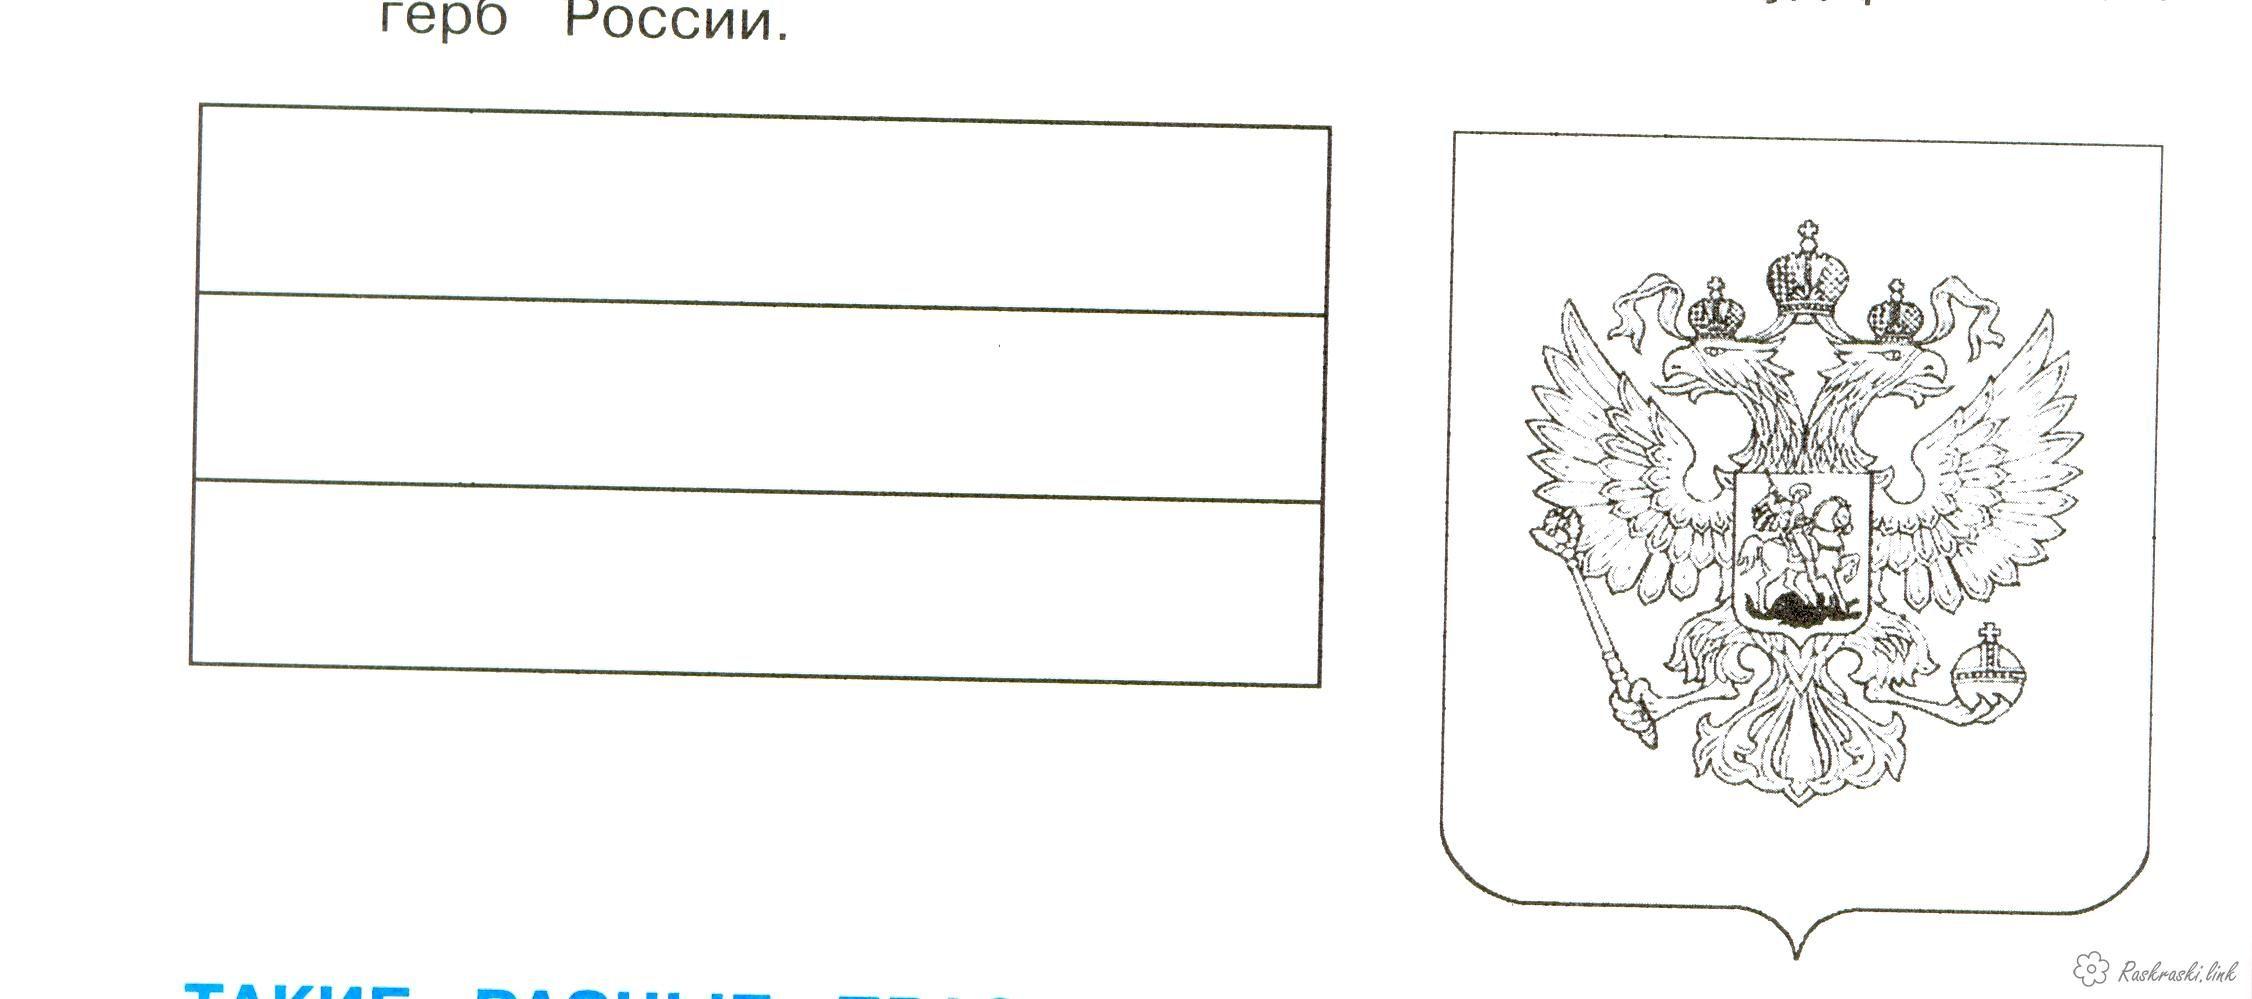 Флаг и герб россии картинки для раскрашивания